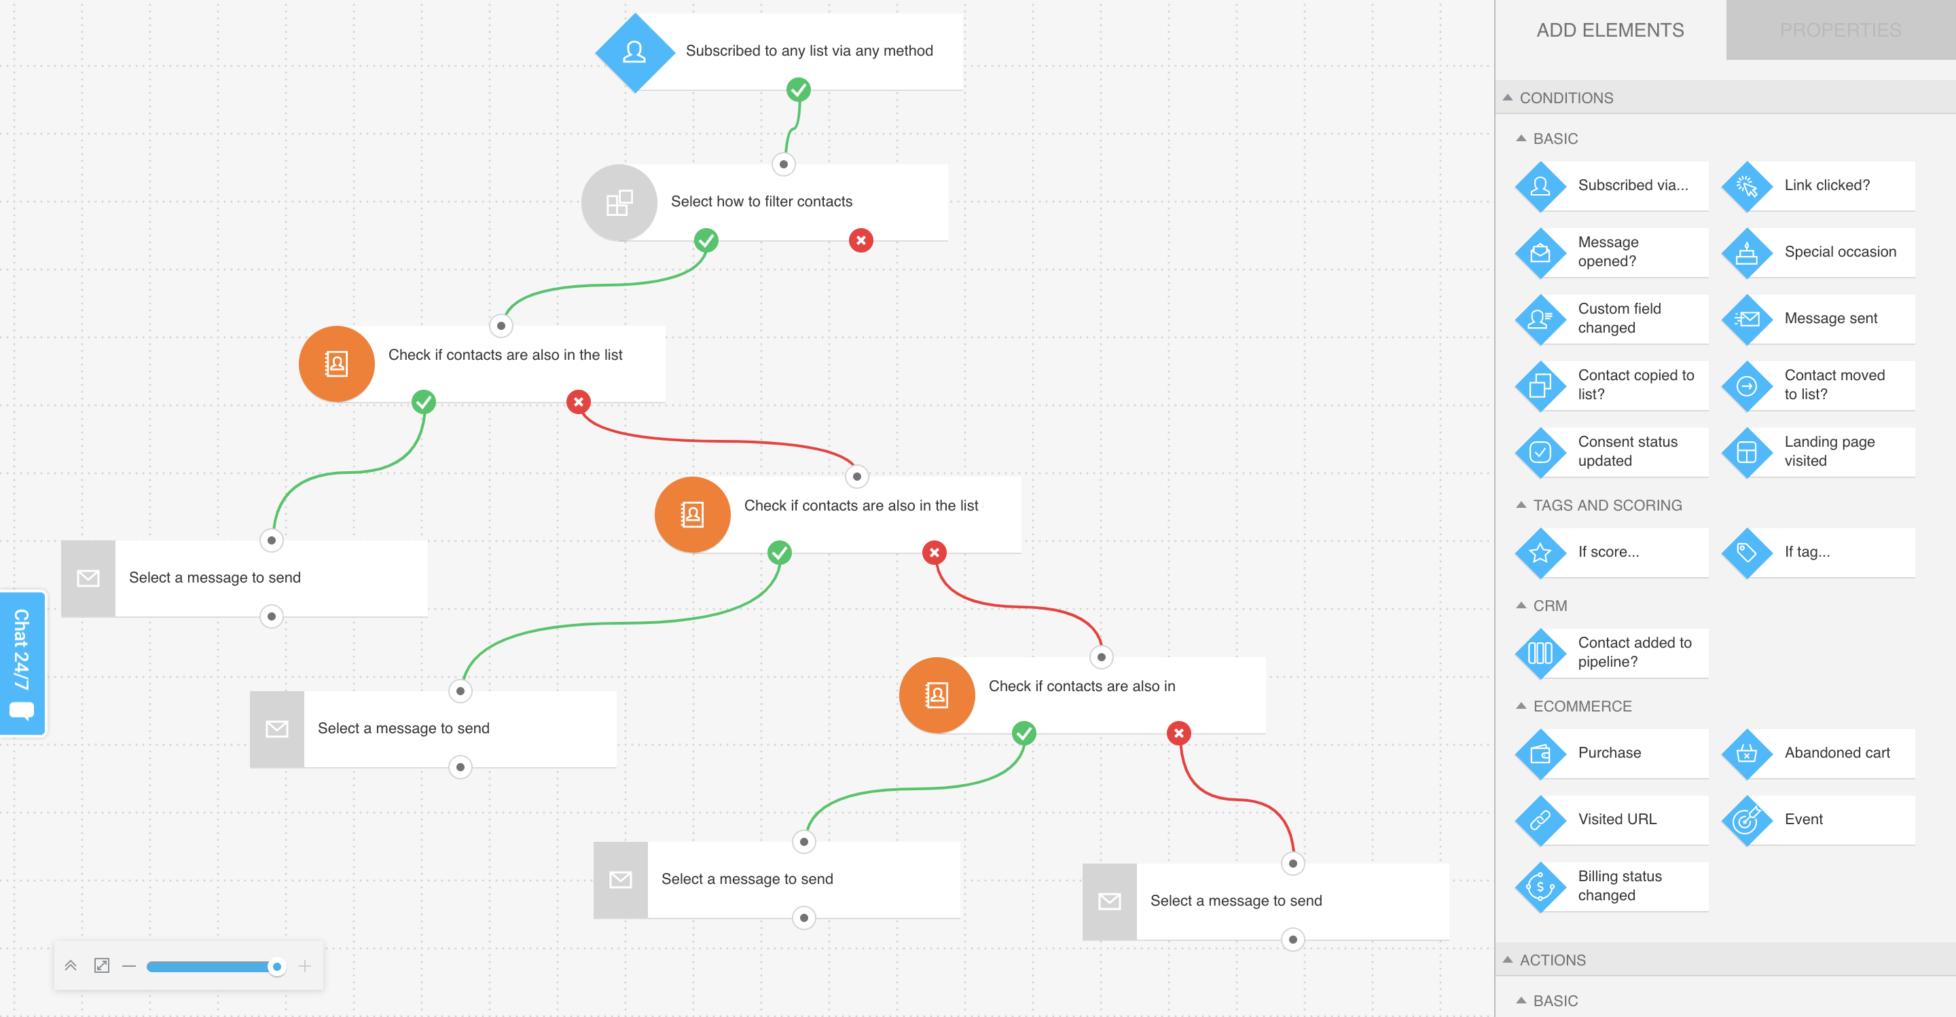 конструктор автоматизации маркетинга состоящий из нескольких процессов в платформе ГетРеспонс